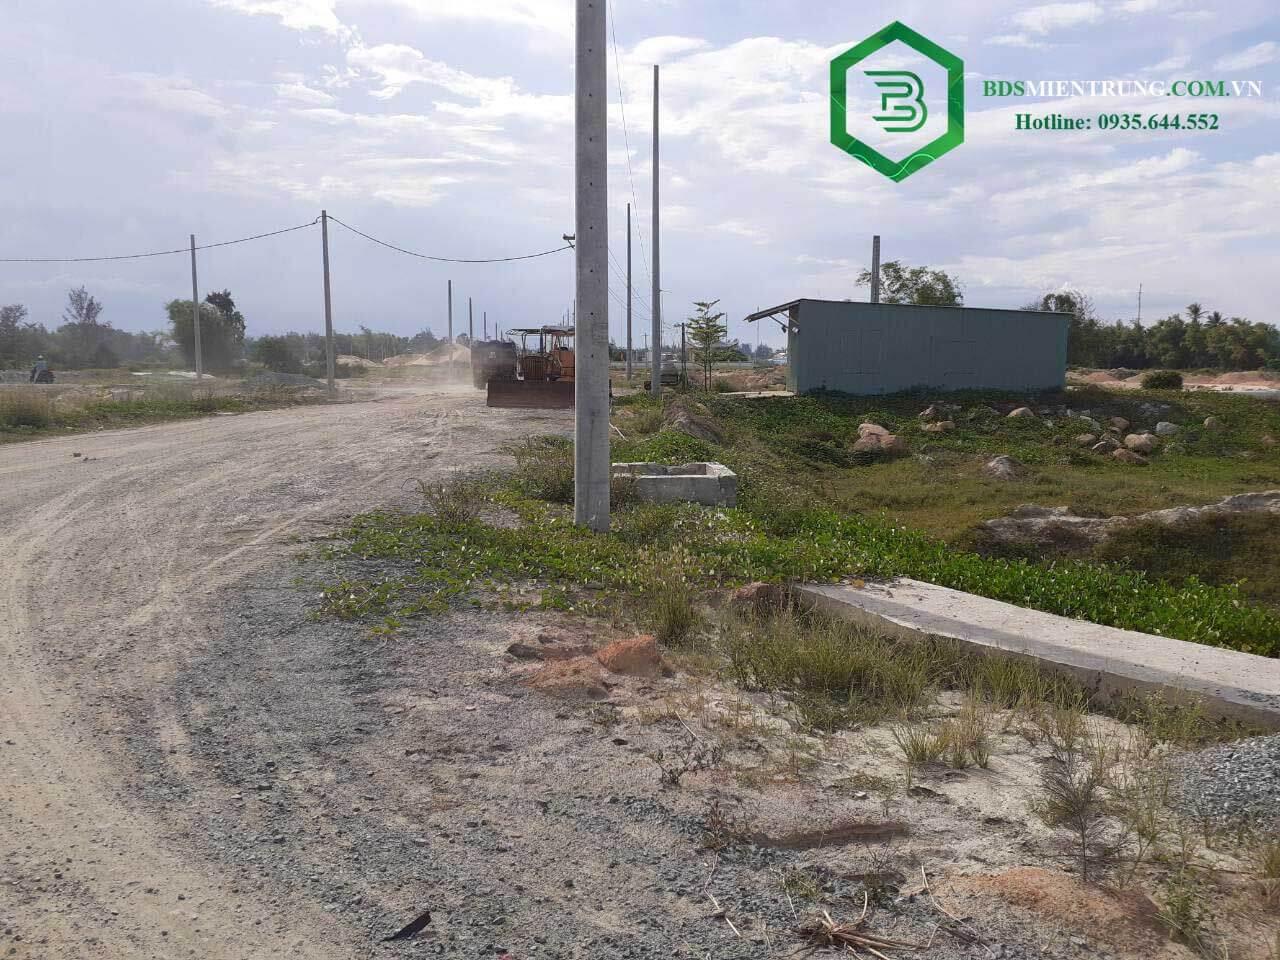 Hình ảnh thực tế dự án khu đô thị Gem River City - Ảnh 9